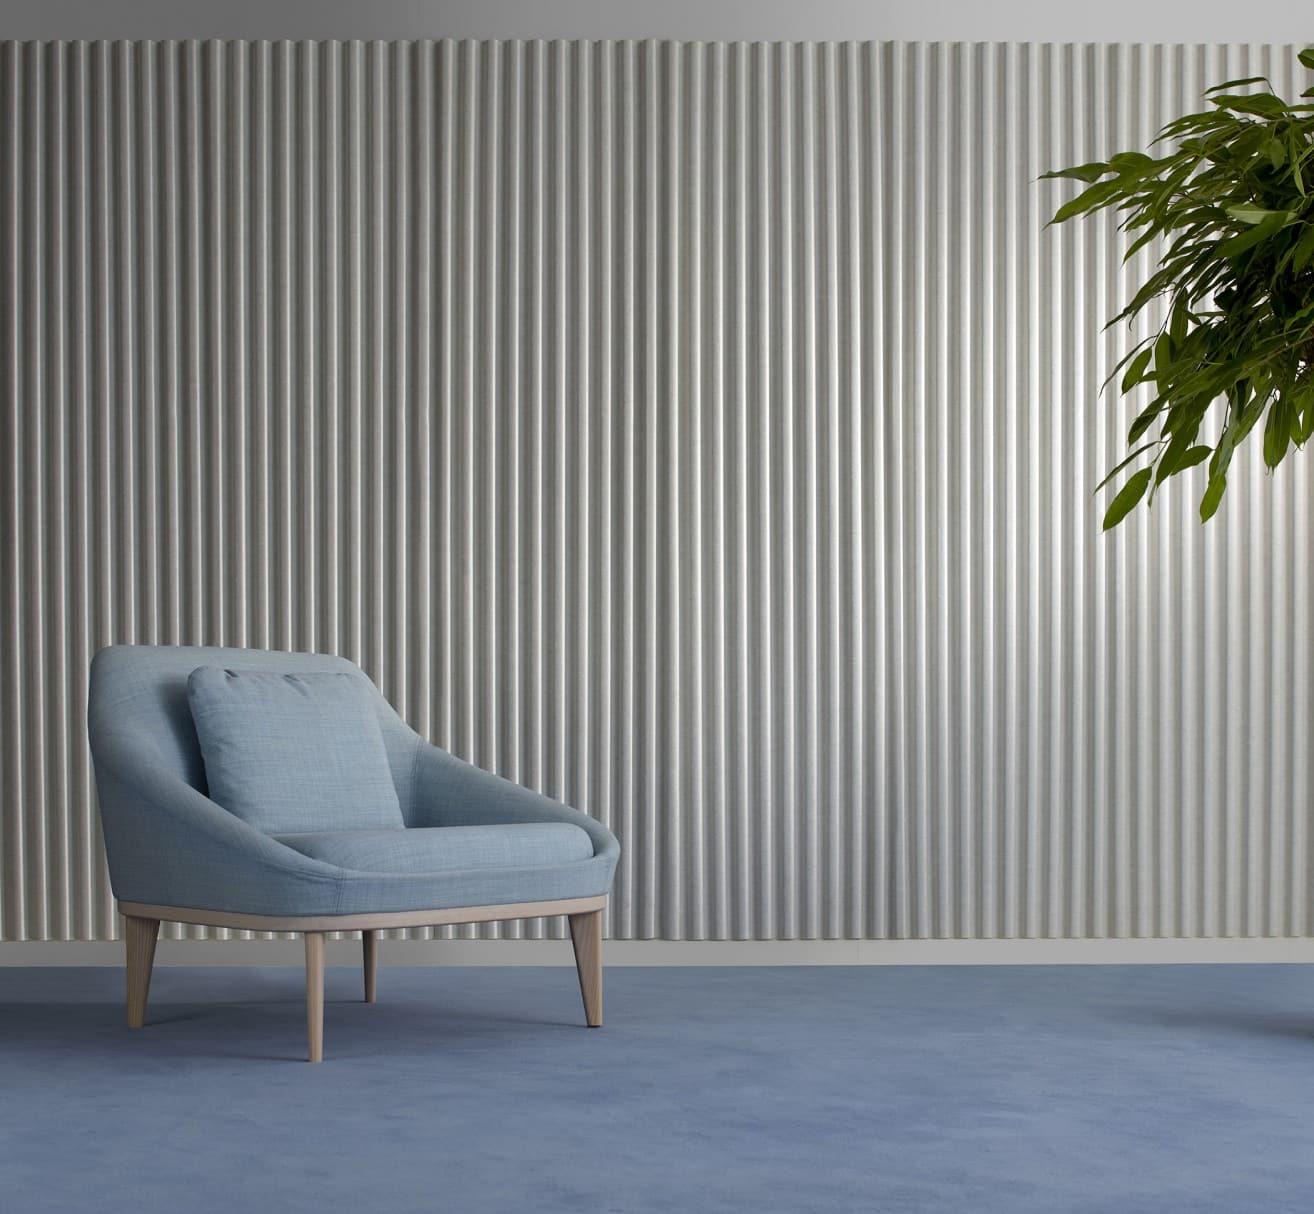 Soundwave 174 Wall Offecct Scandinavian Design